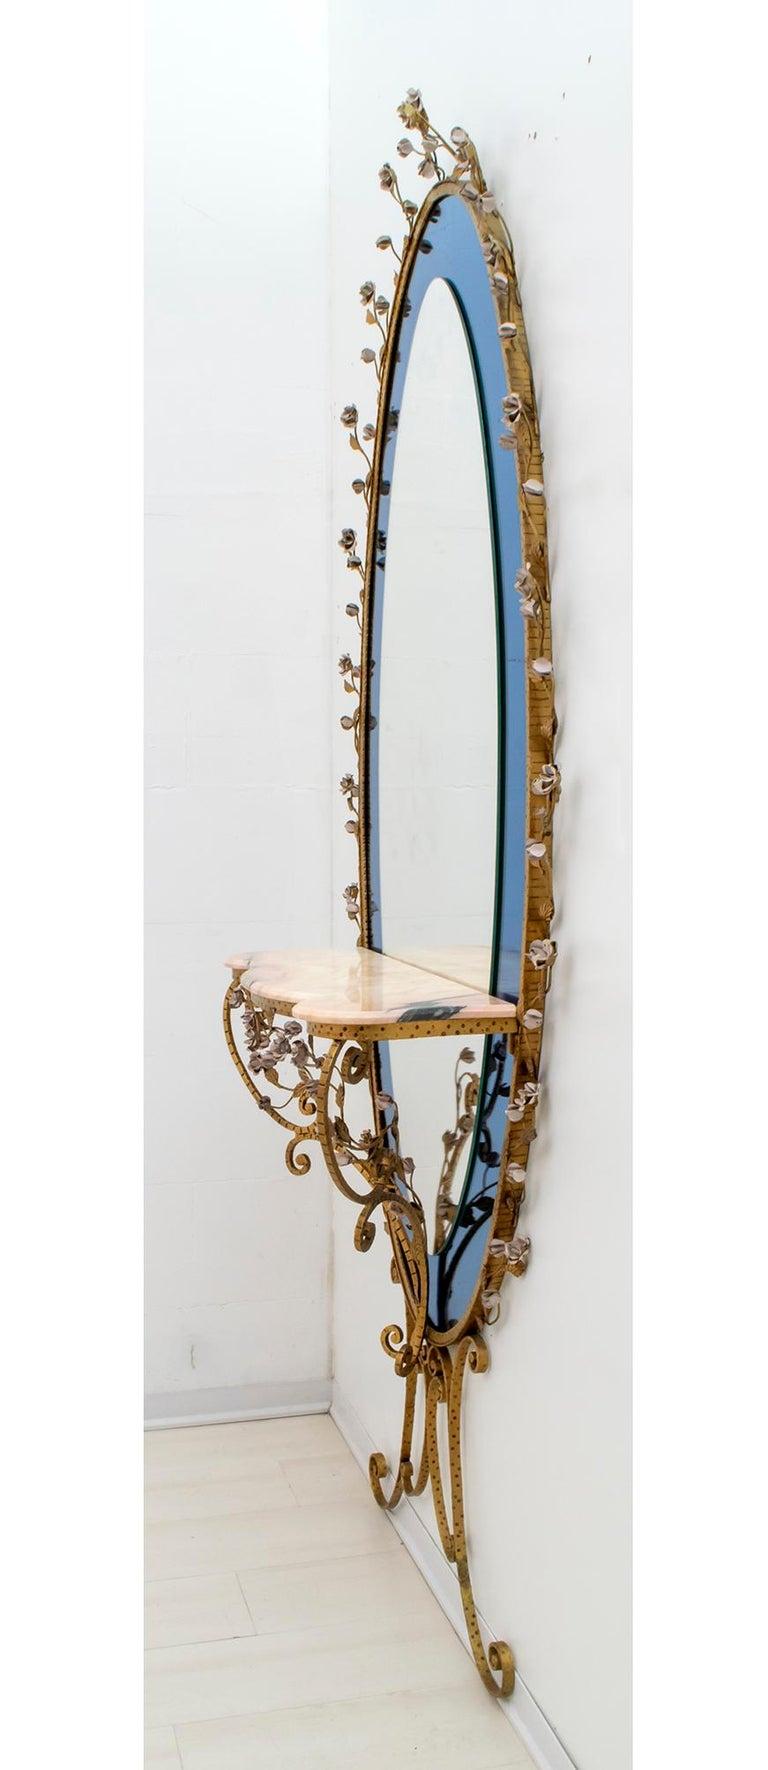 Pier Luigi Colli Mid-Century Modern Italian Wrought Iron Hallway Mirror, 1950s For Sale 5